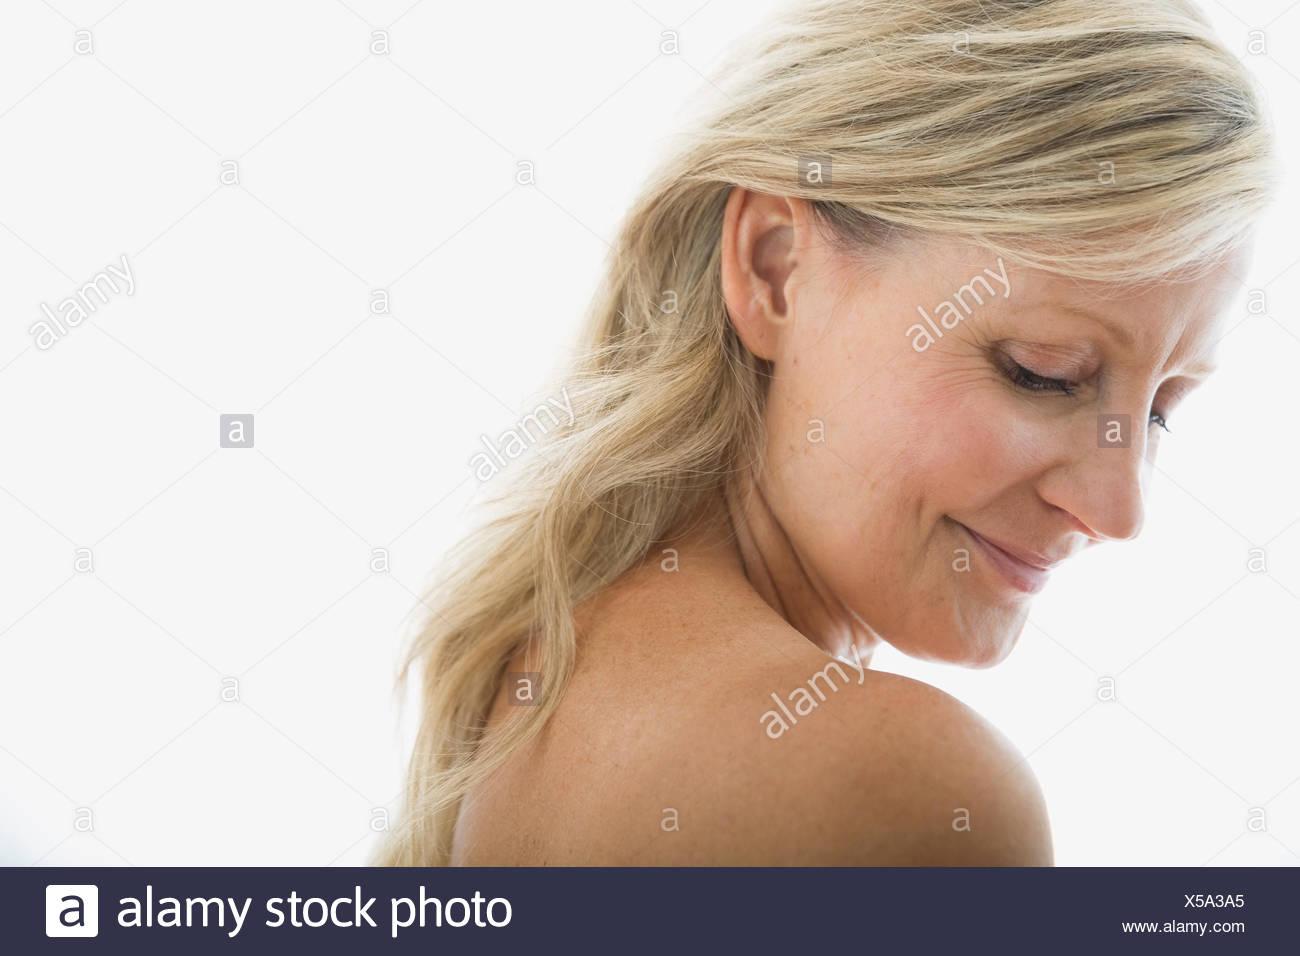 Blonde Frau blickte auf nackten Schulter Stockbild